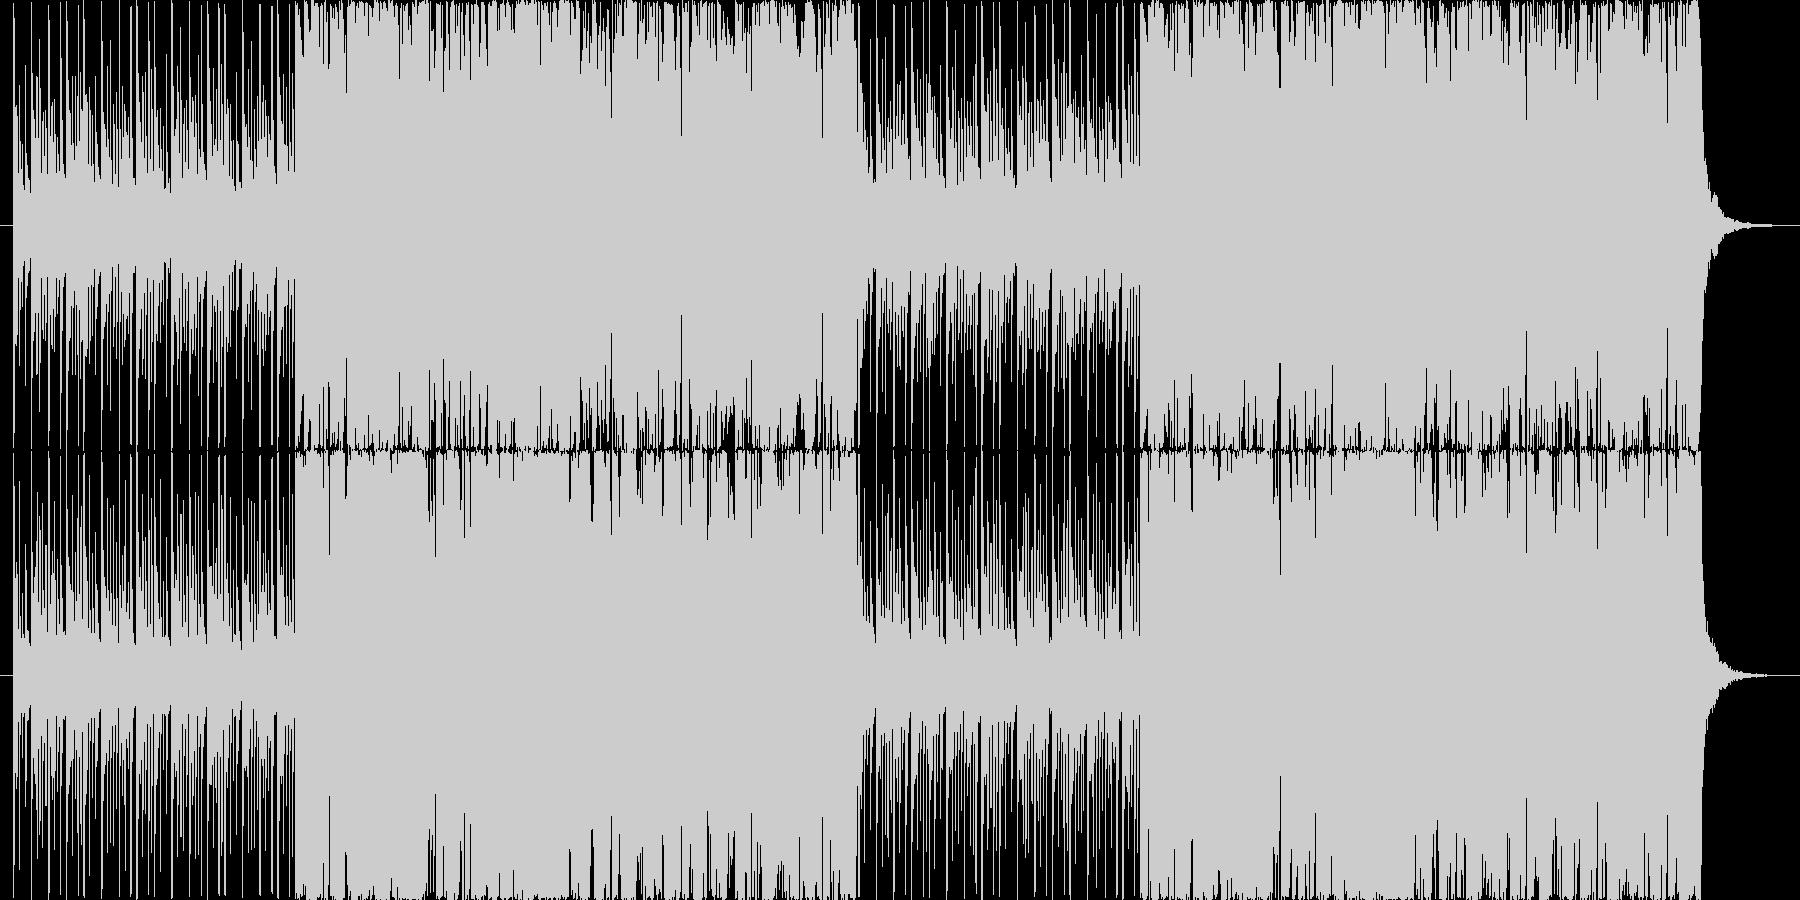 ファンタジーG全般 フィールド等 B19の未再生の波形